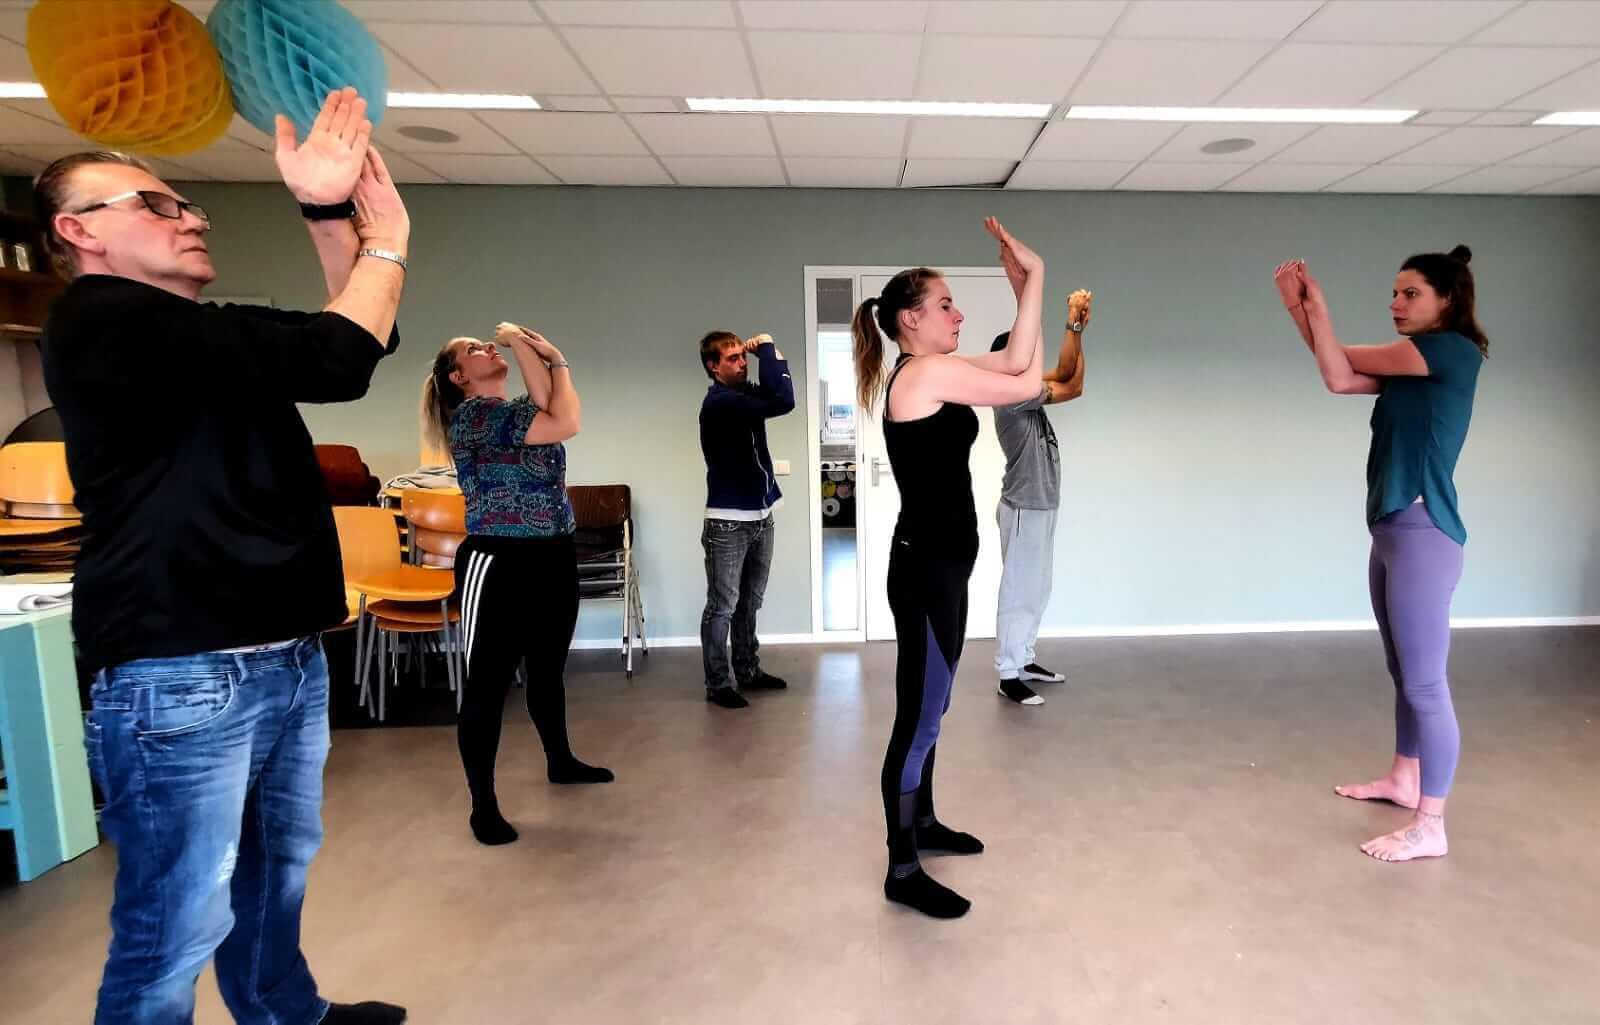 Yoga-op-het-werk-Leeuwarden_desk-yoga_bedrijfsyoga-leeuwarden_yoga-met-joska_bedrijfsyoga-met-joska